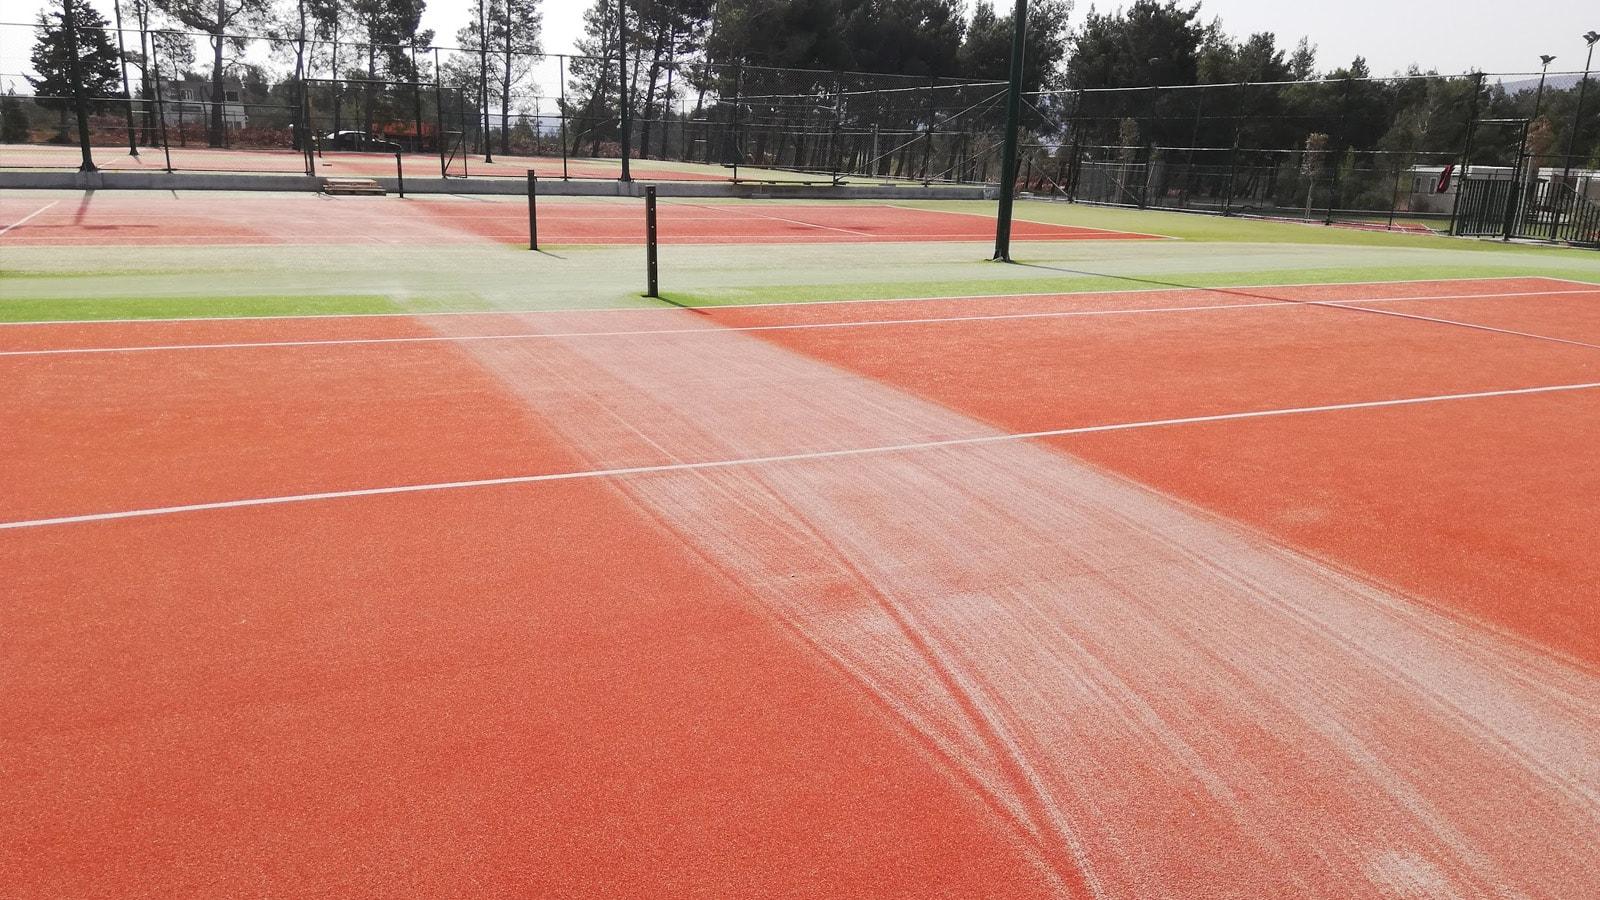 buco-sport-sanacija-tenis-teren-3-min